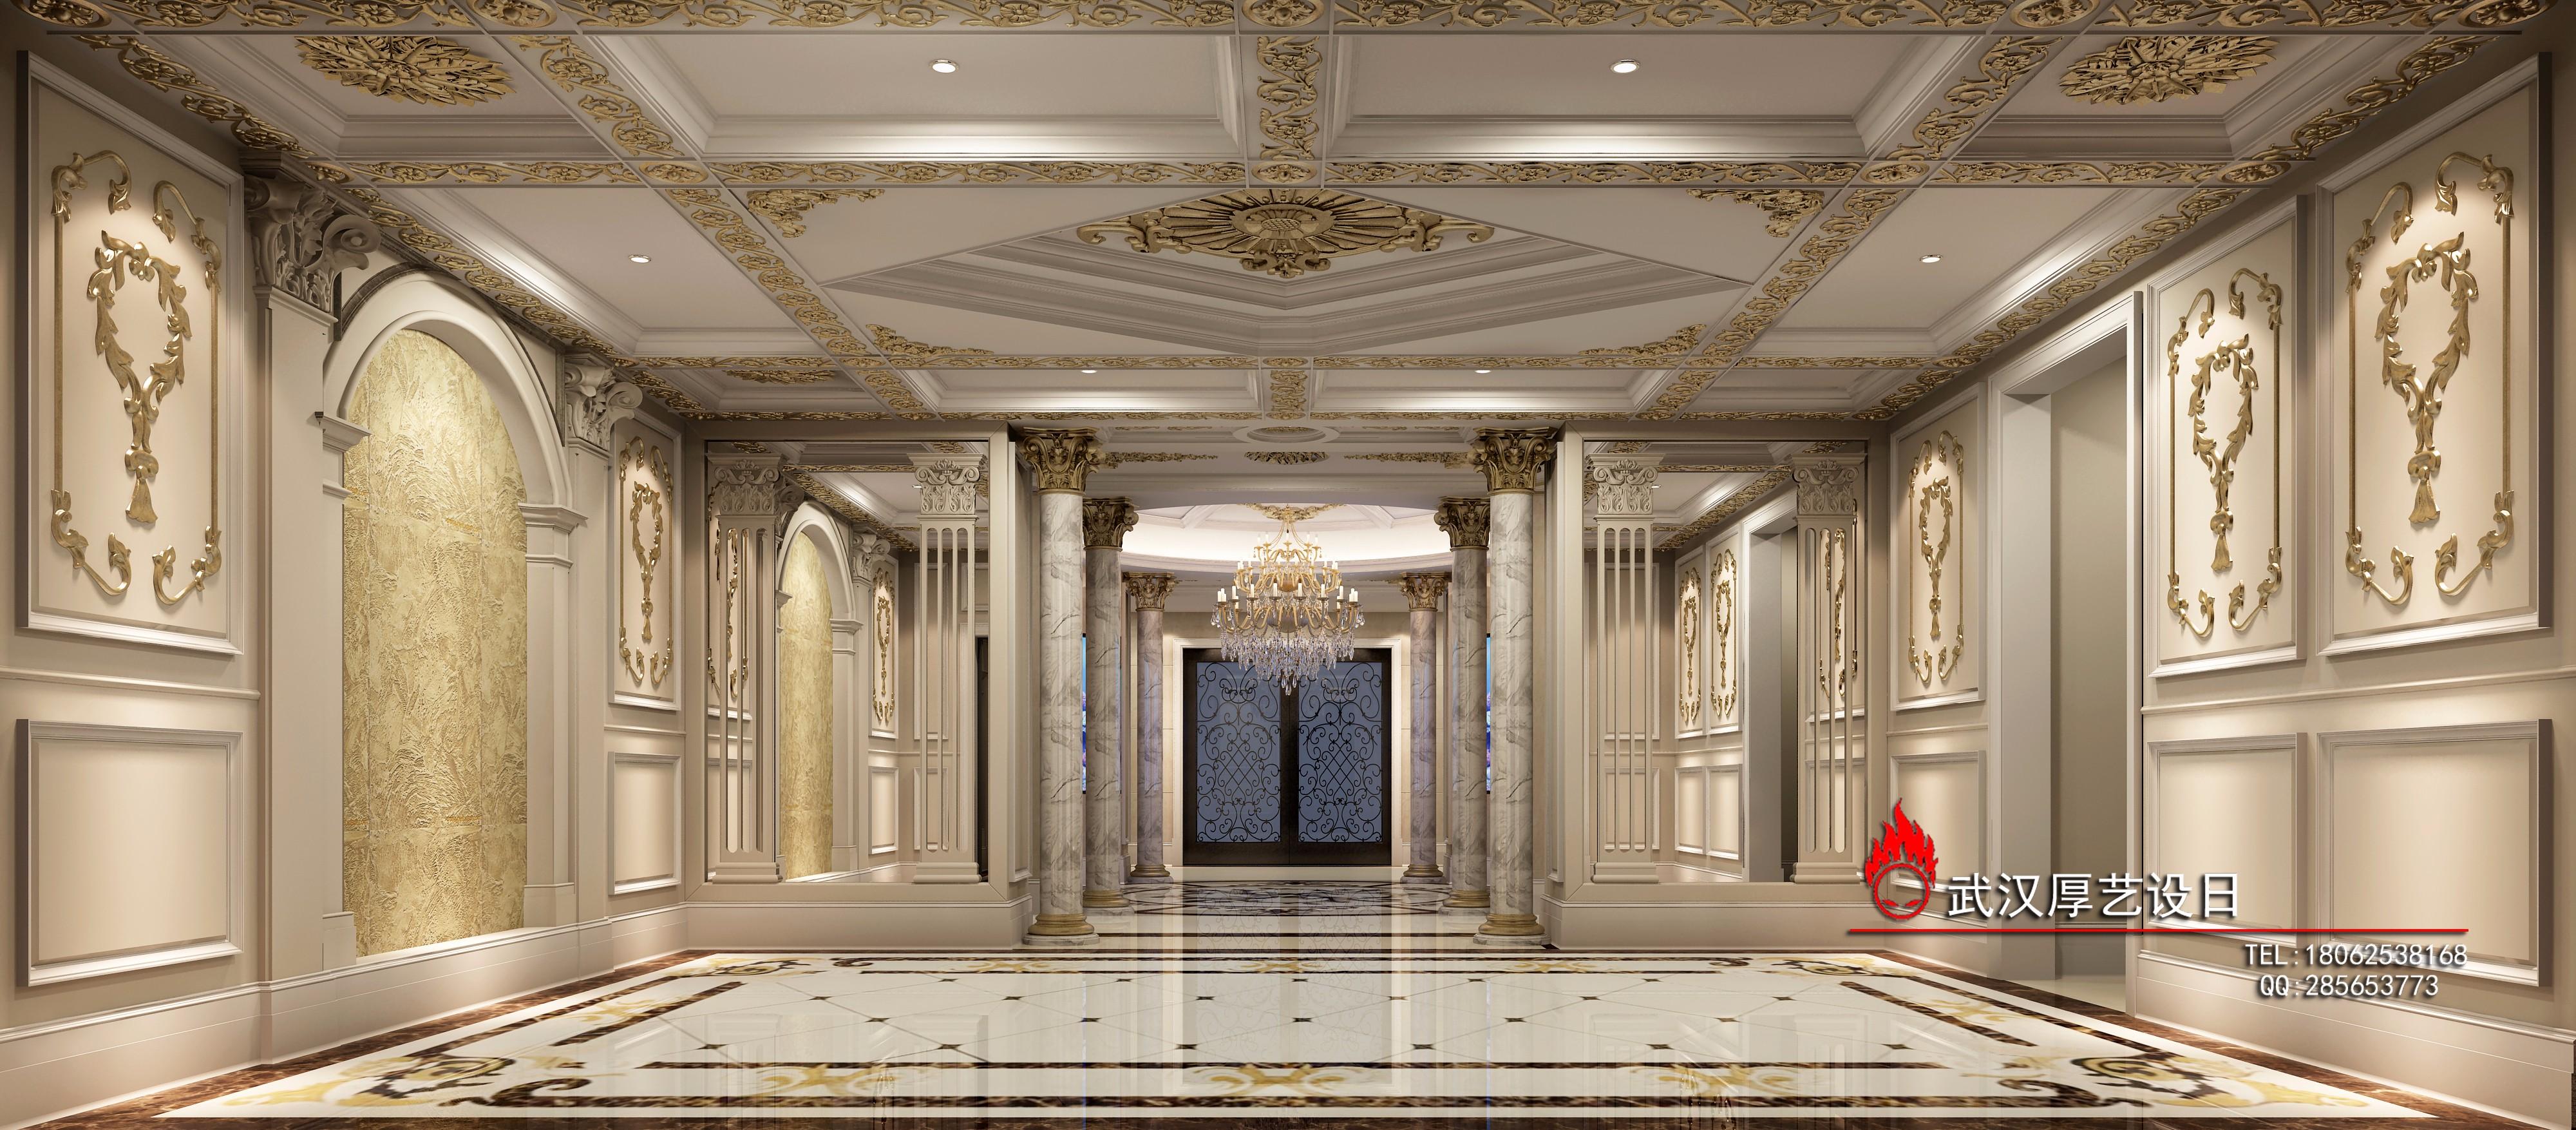 欧式别墅效果图 - 效果图交流区-建e室内设计网